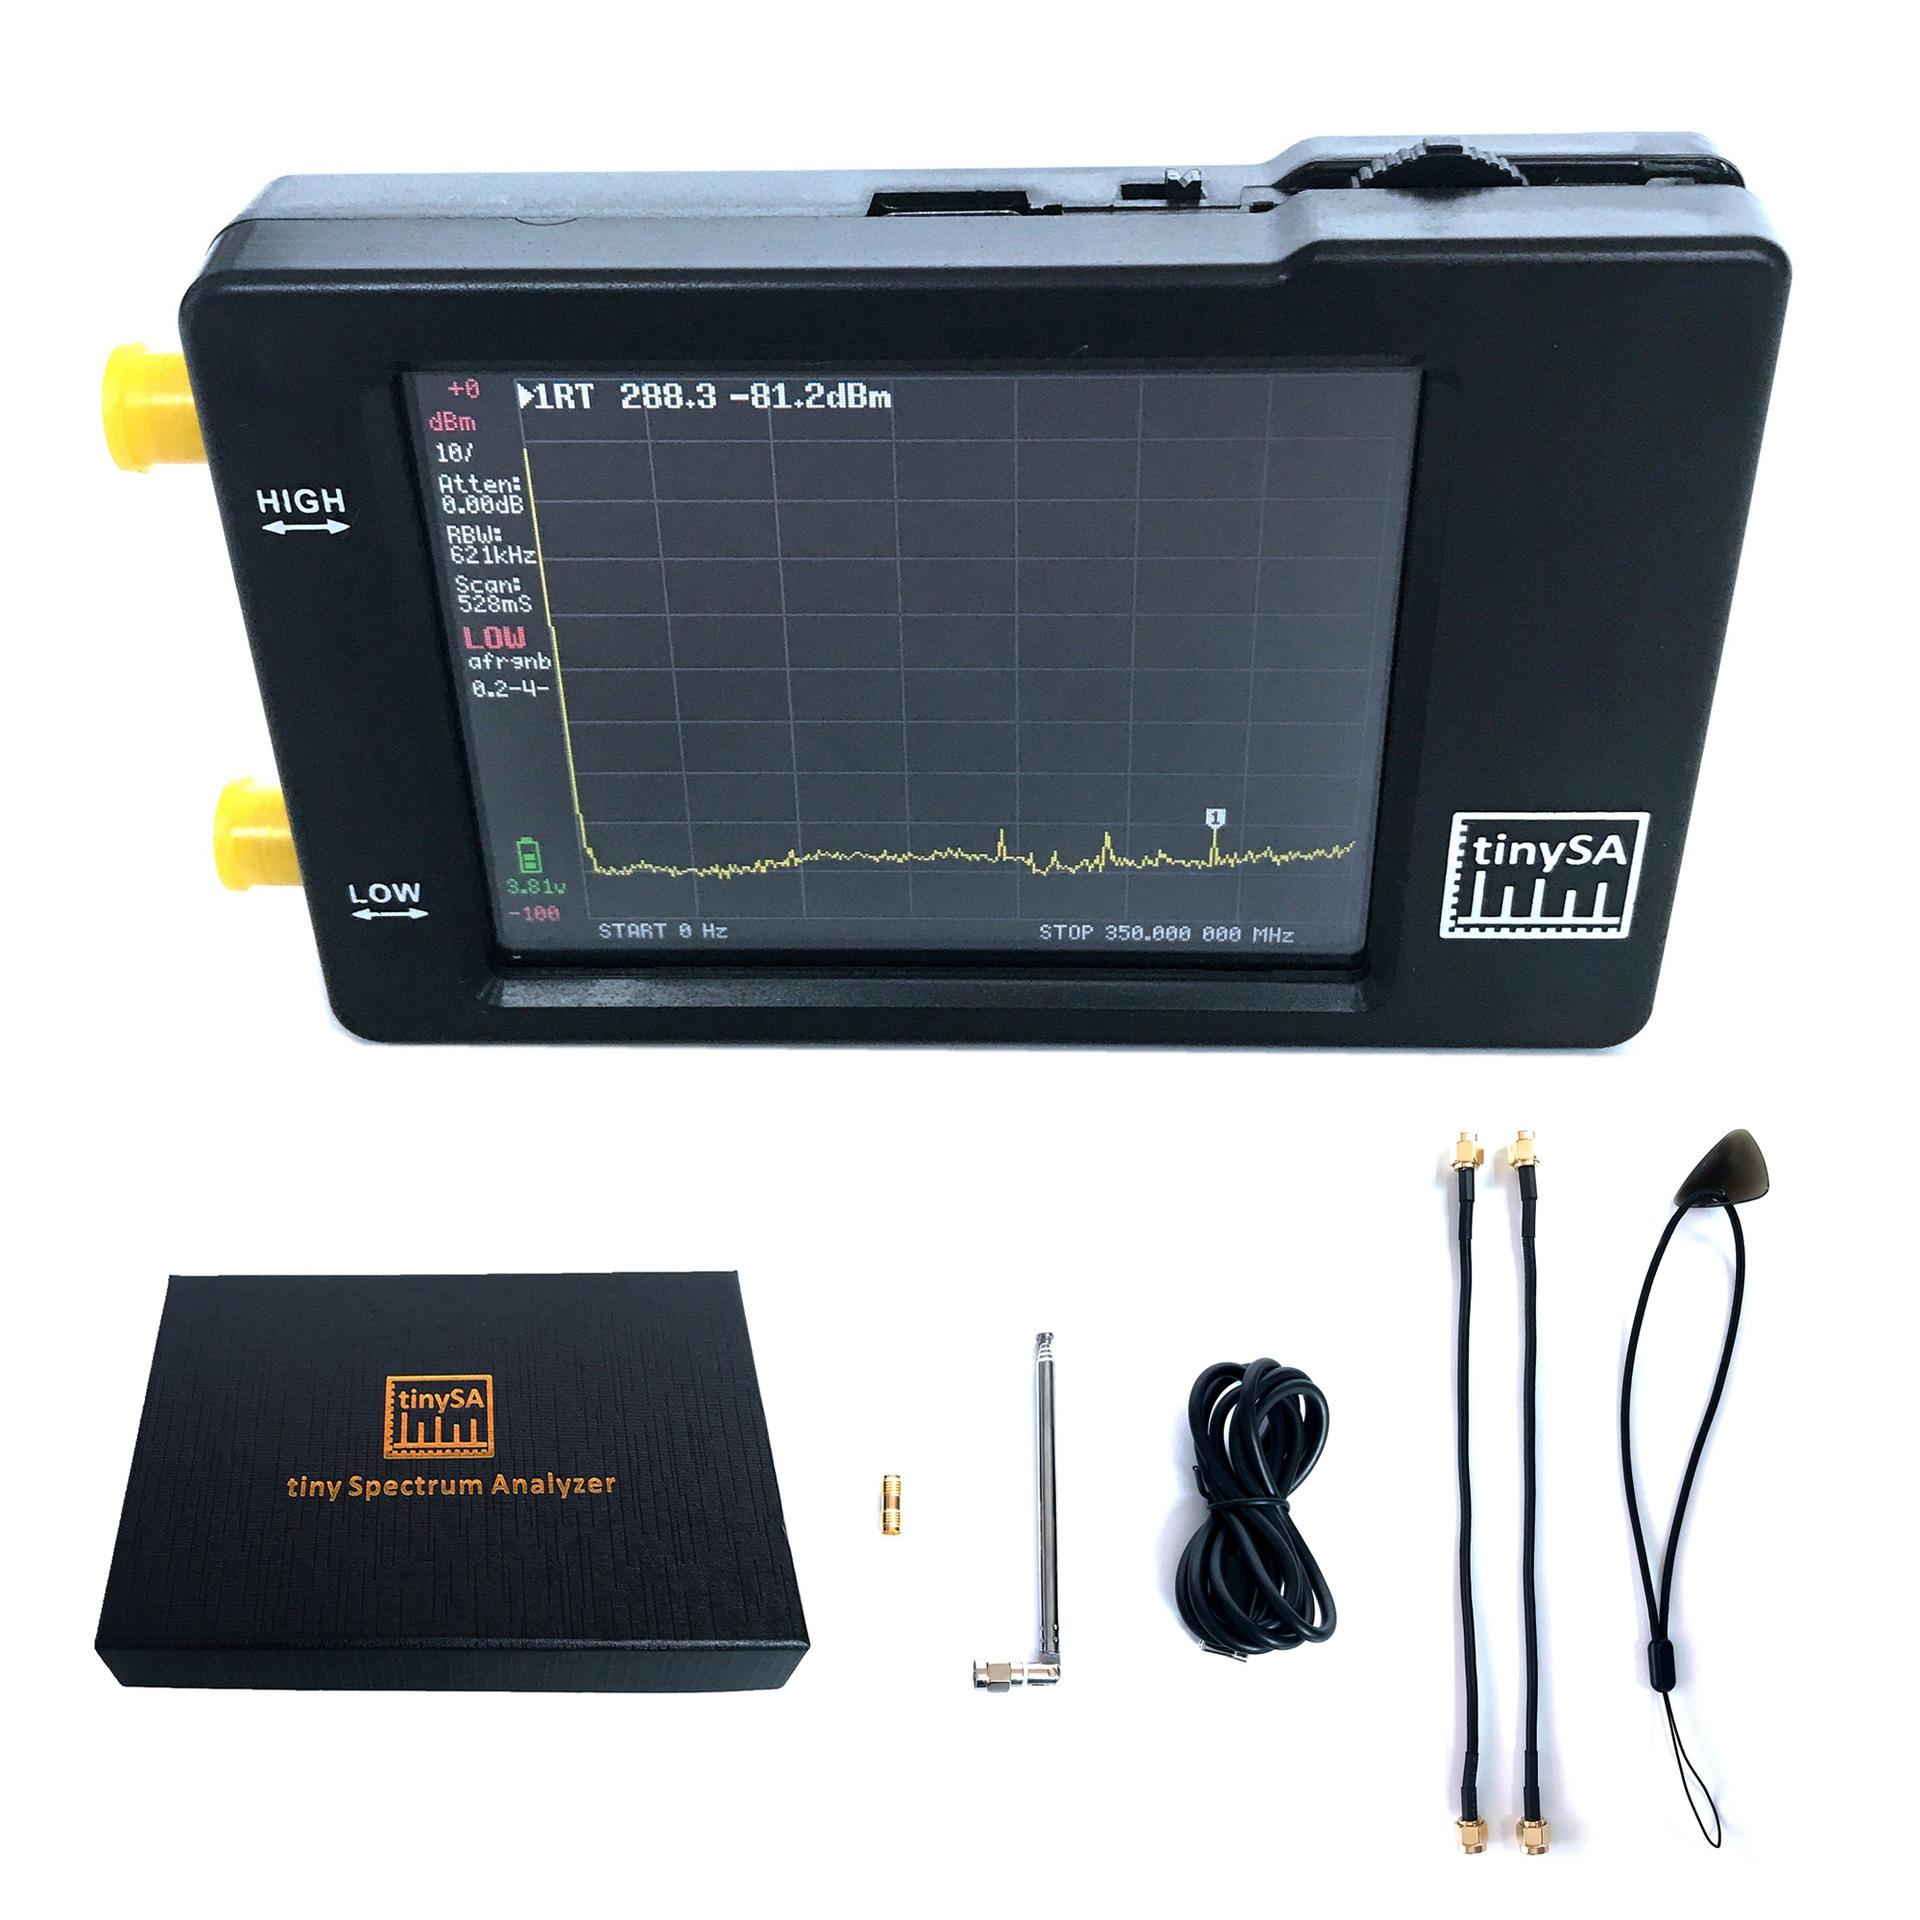 TinySA-analizador de espectro portátil de dos entradas, analizador de espectro de pantalla táctil de 2,8 pulgadas, frecuencia de entrada de 100KHz-350MHz